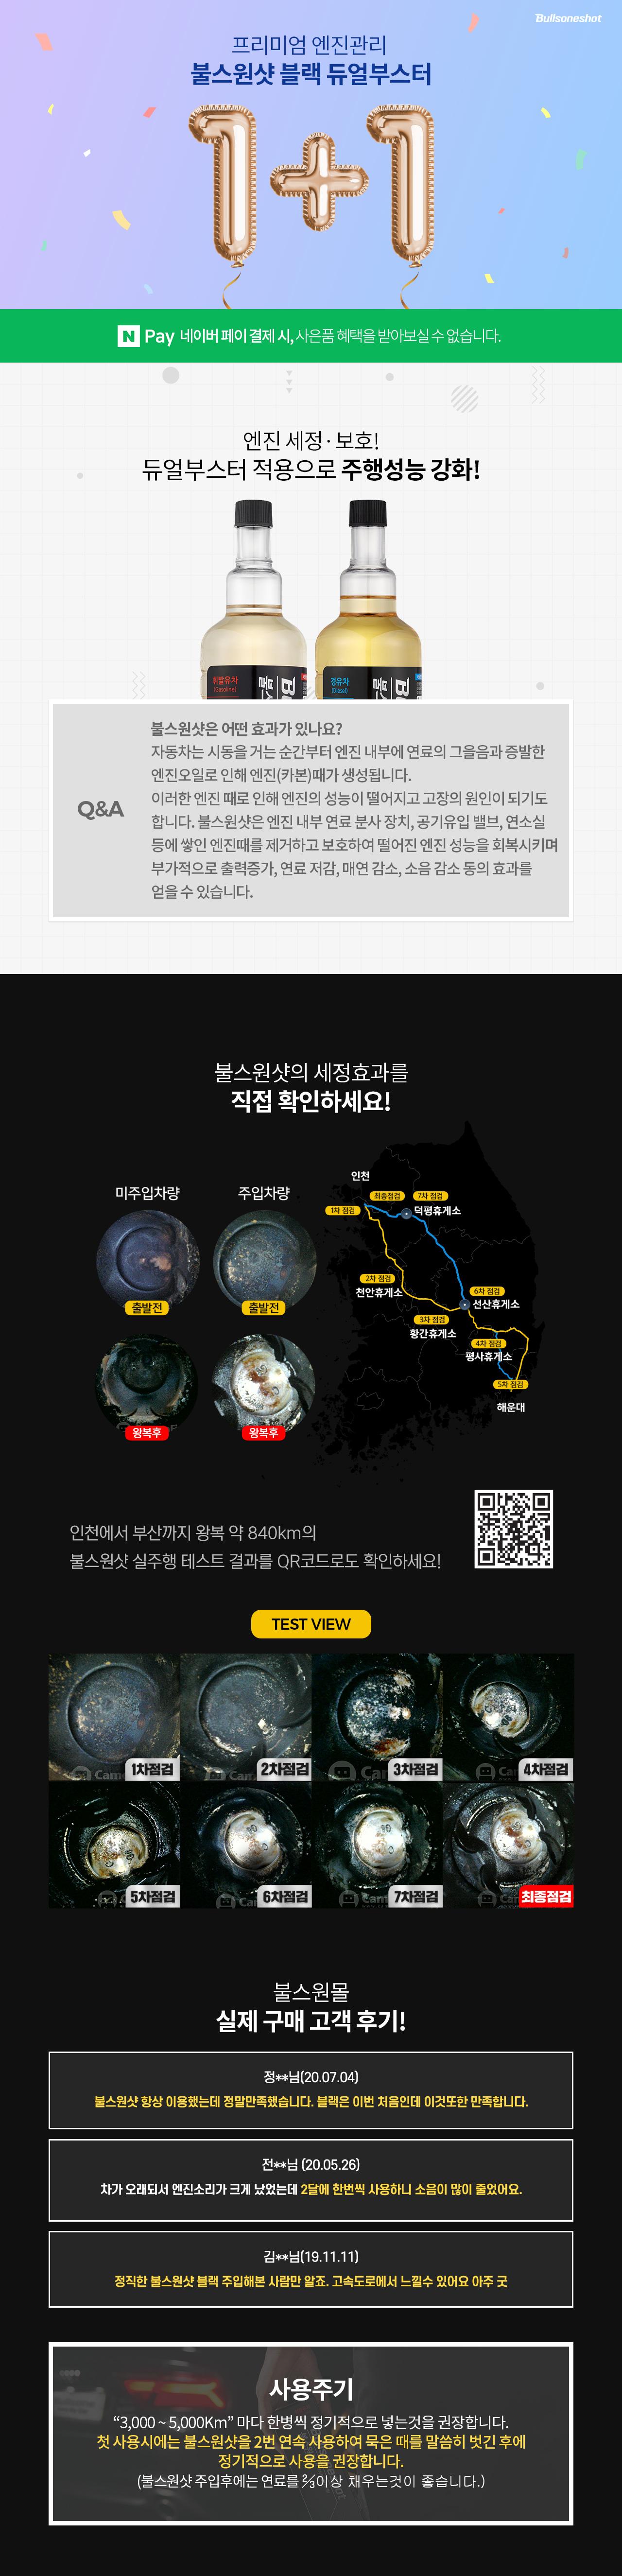 [불스원] 불스원샷 블랙1+1